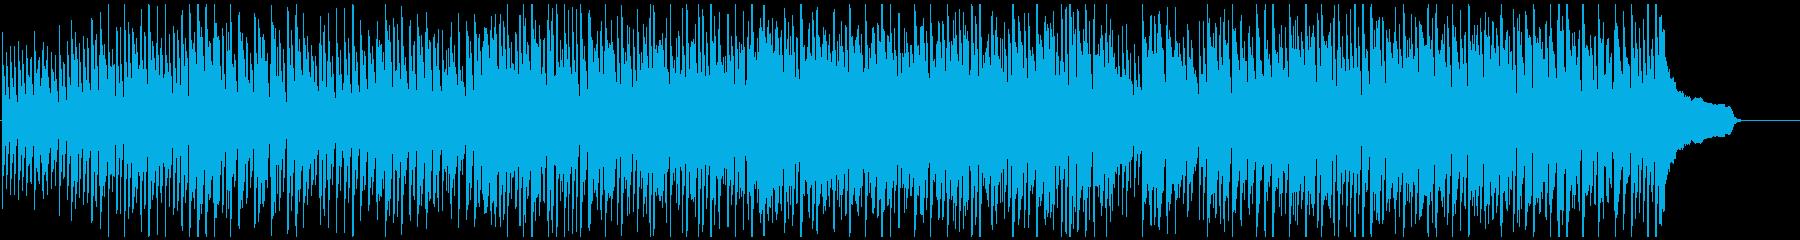 カートゥーン系コメディのリコーダー劇伴の再生済みの波形